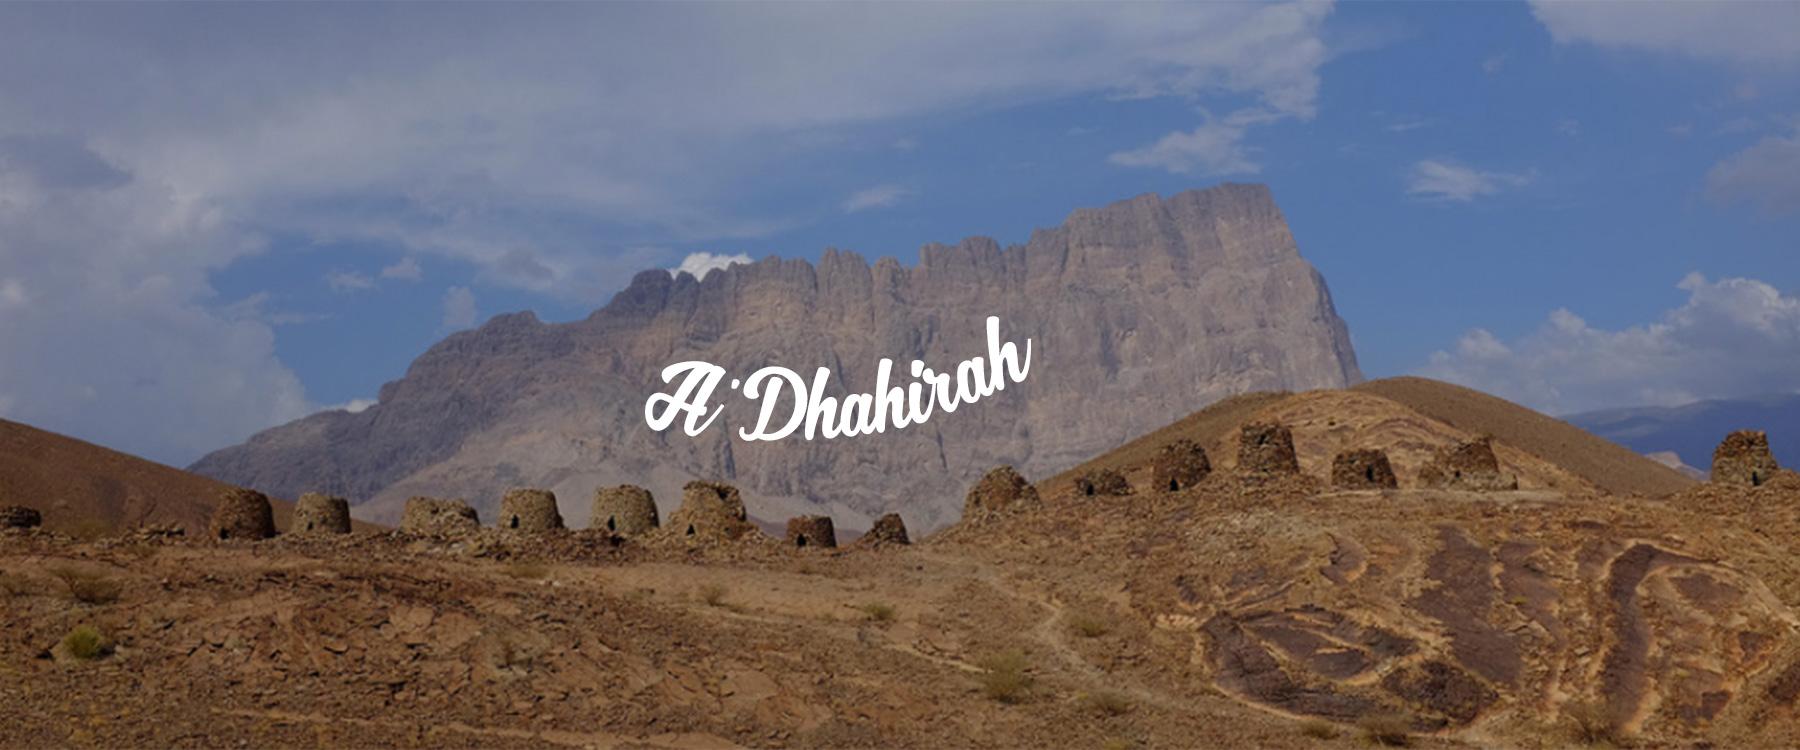 Al-Dhahirah